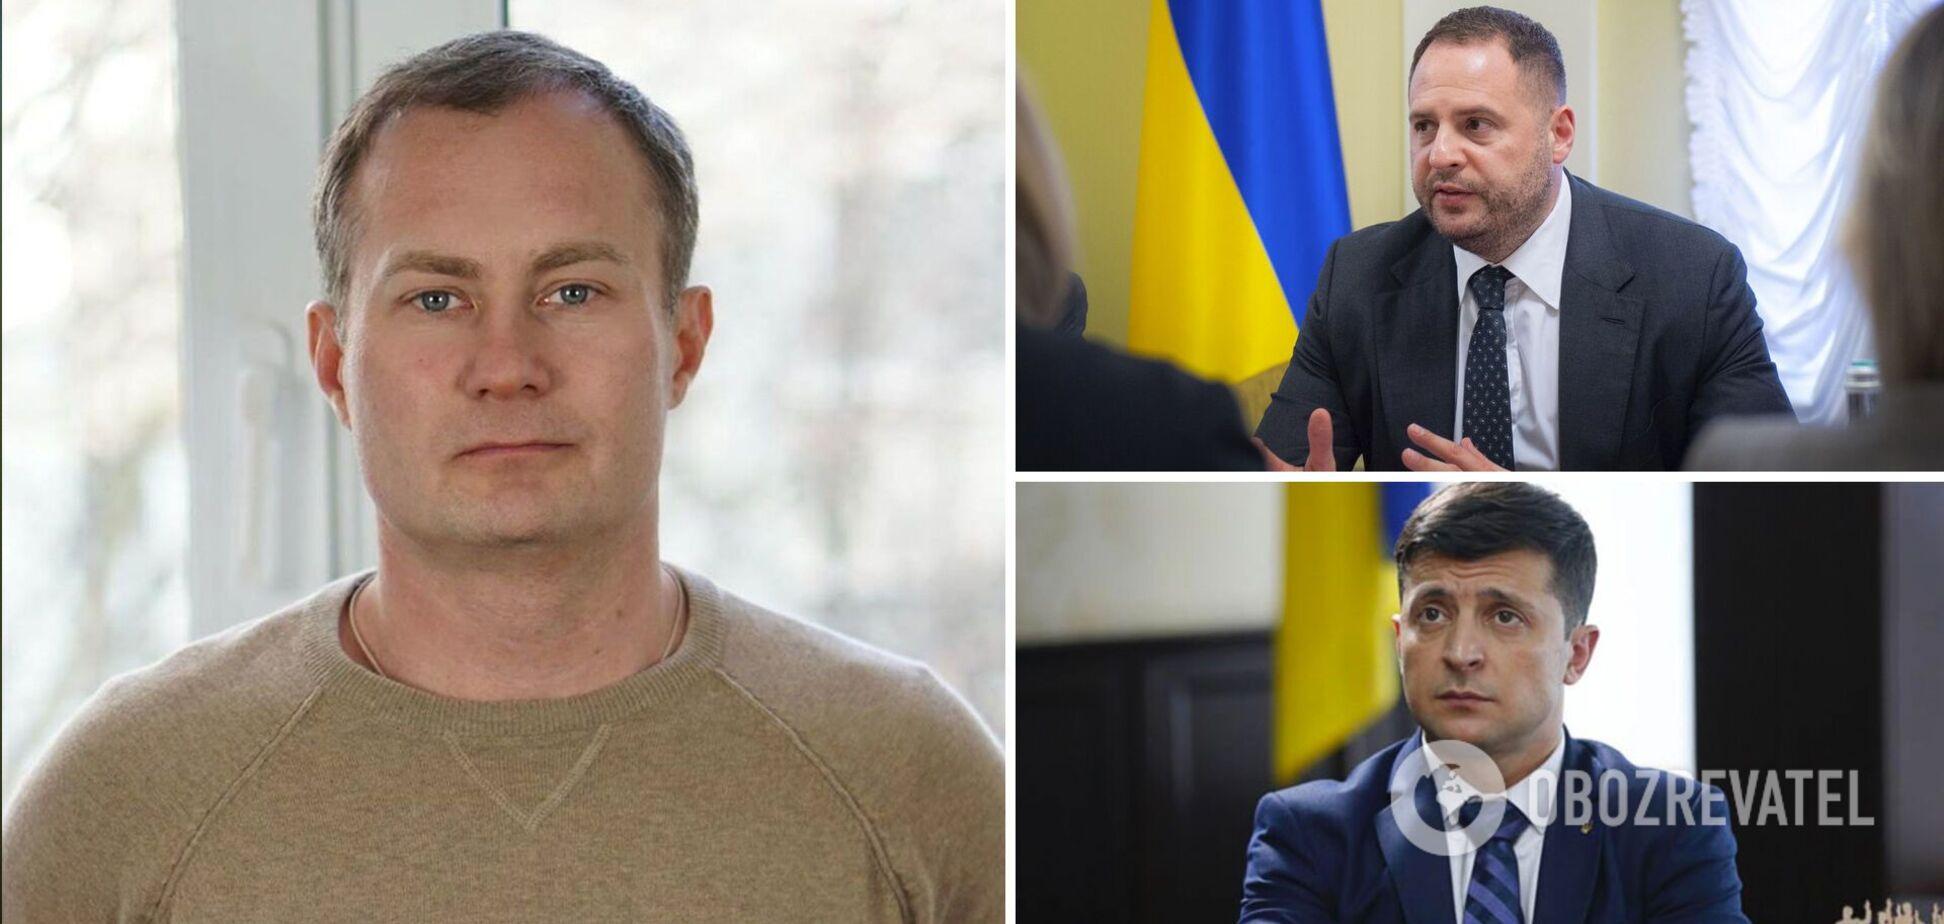 Гармаш: Єрмак не зрадить Зеленського, але війну на Донбасі можуть законсервувати за сценарієм Росії